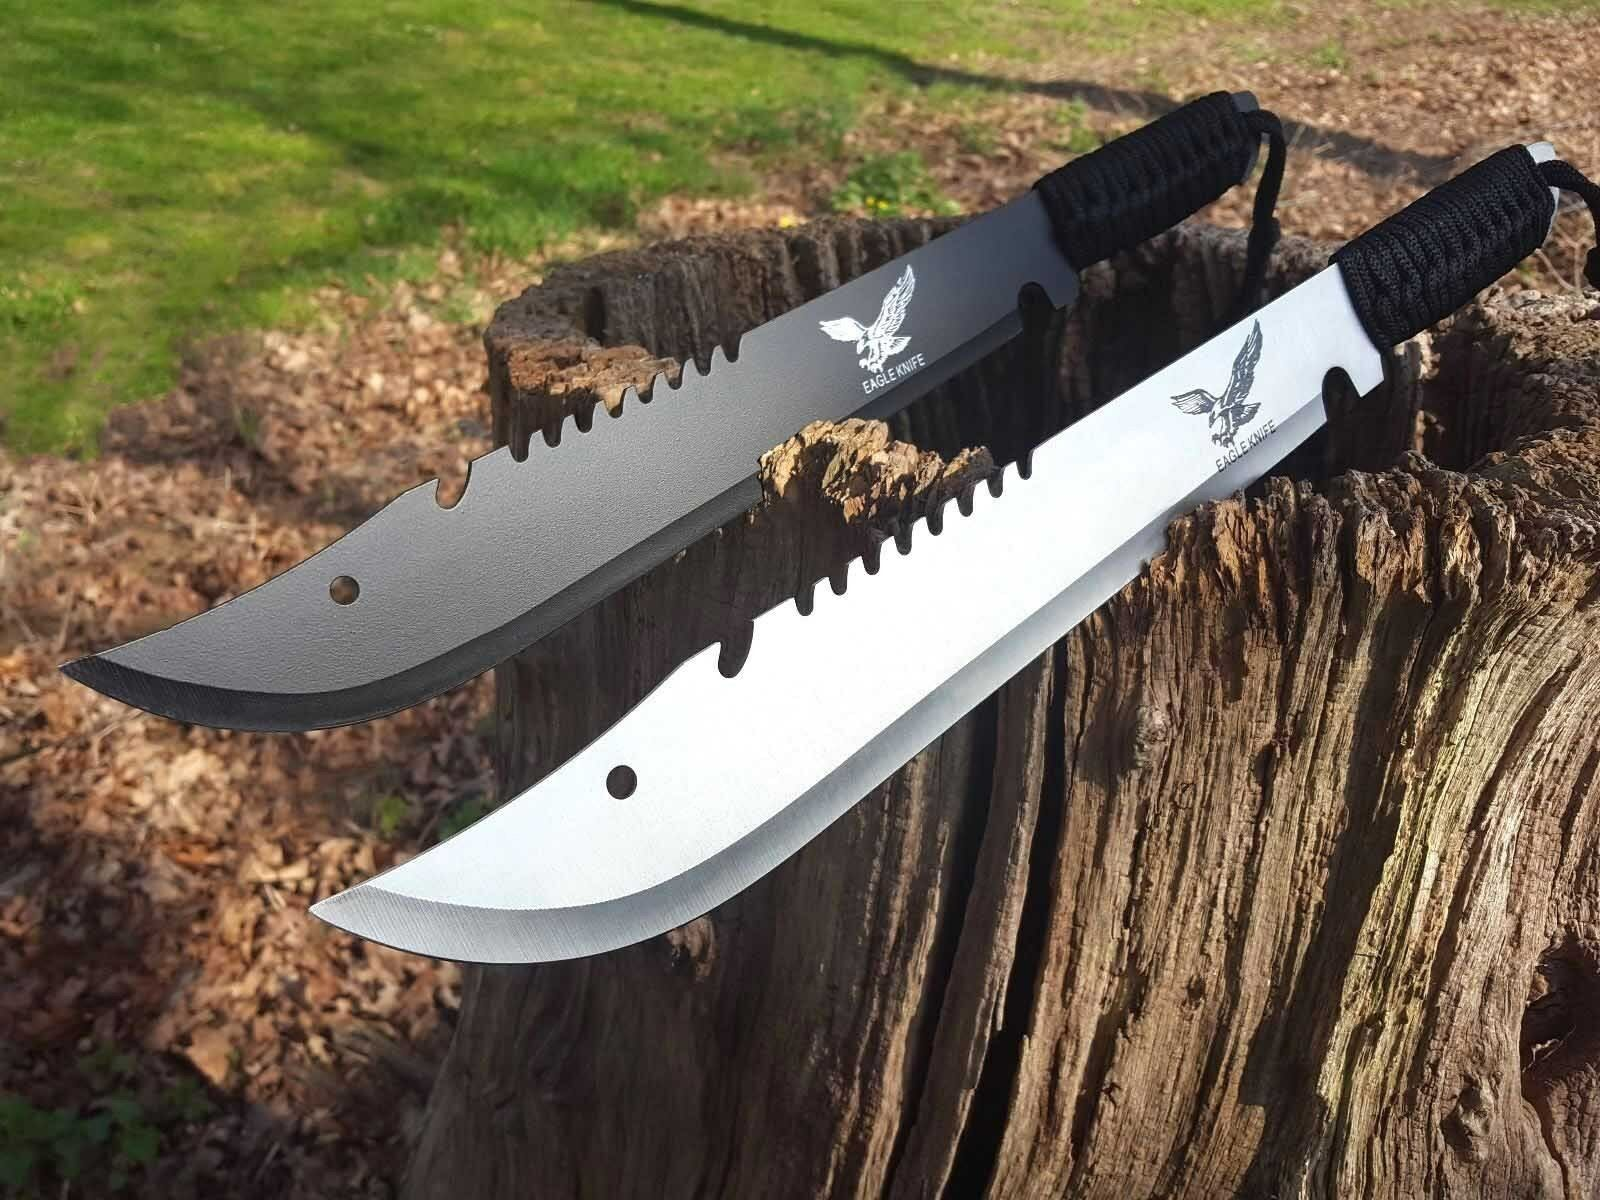 2 Stück Machete Messer Knife Bowie Buschmesser Coltello Hunting Macete Machette